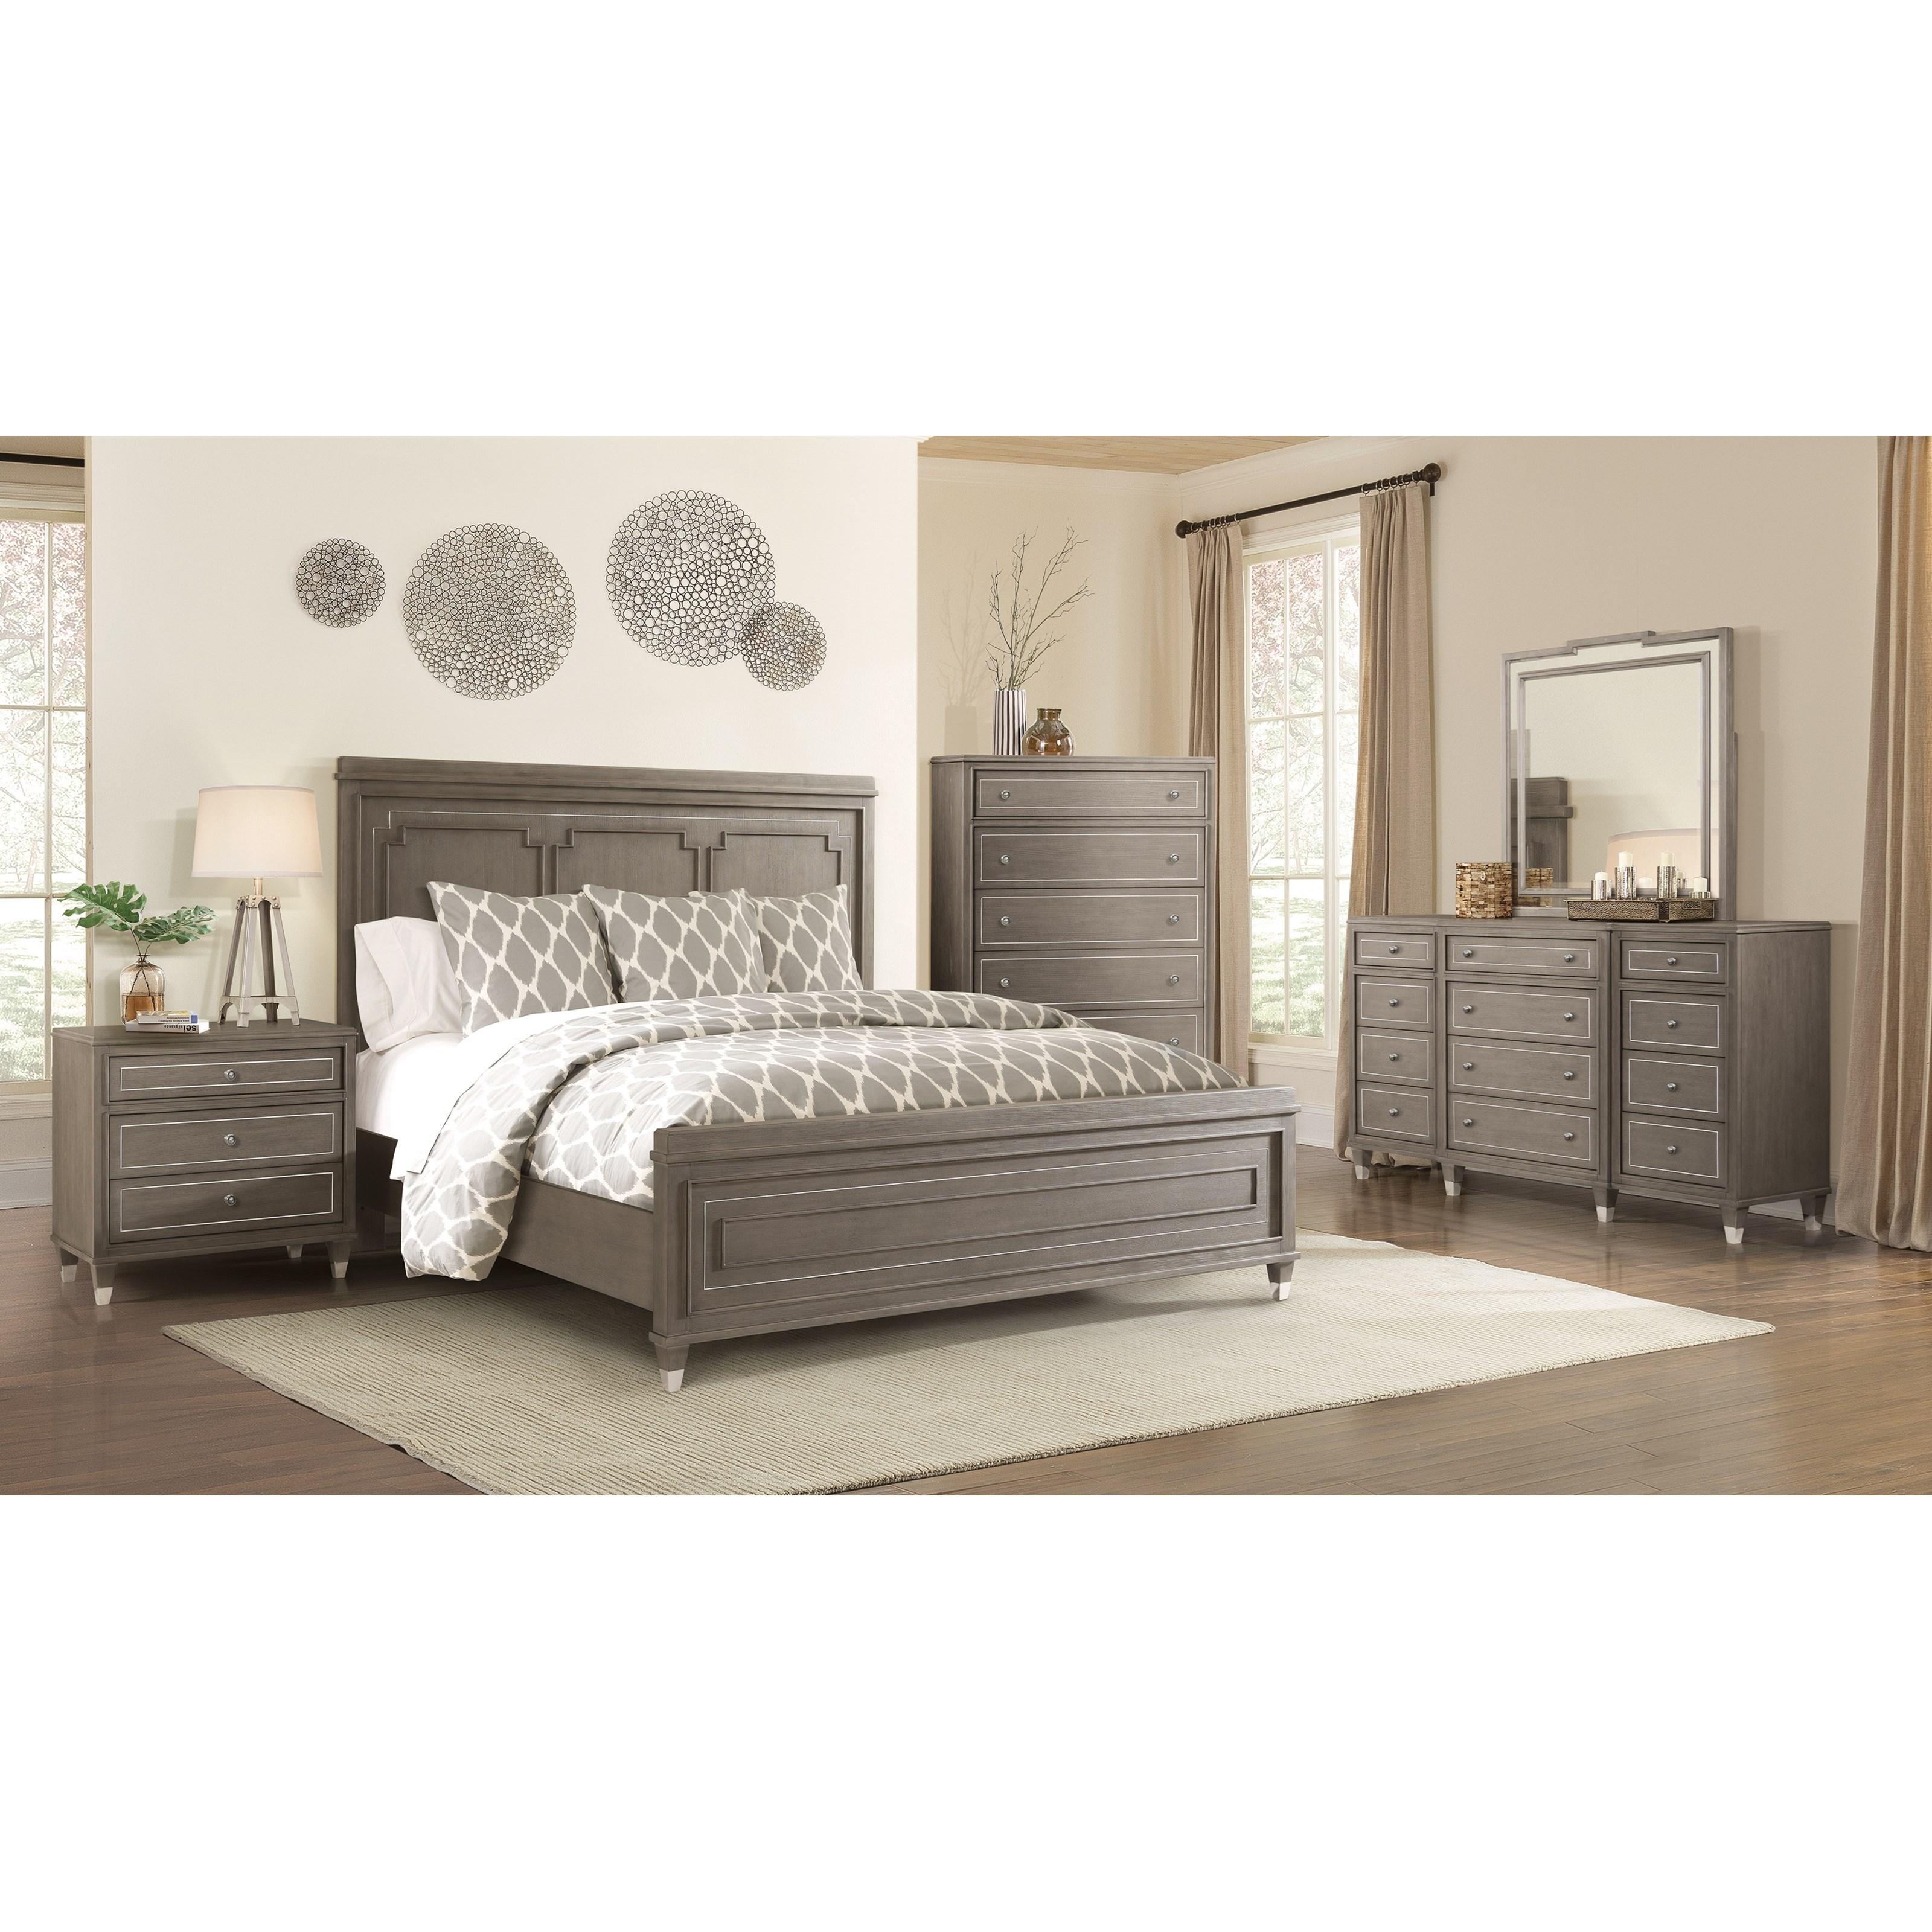 Riverside Furniture Dara II Queen Bedroom Group